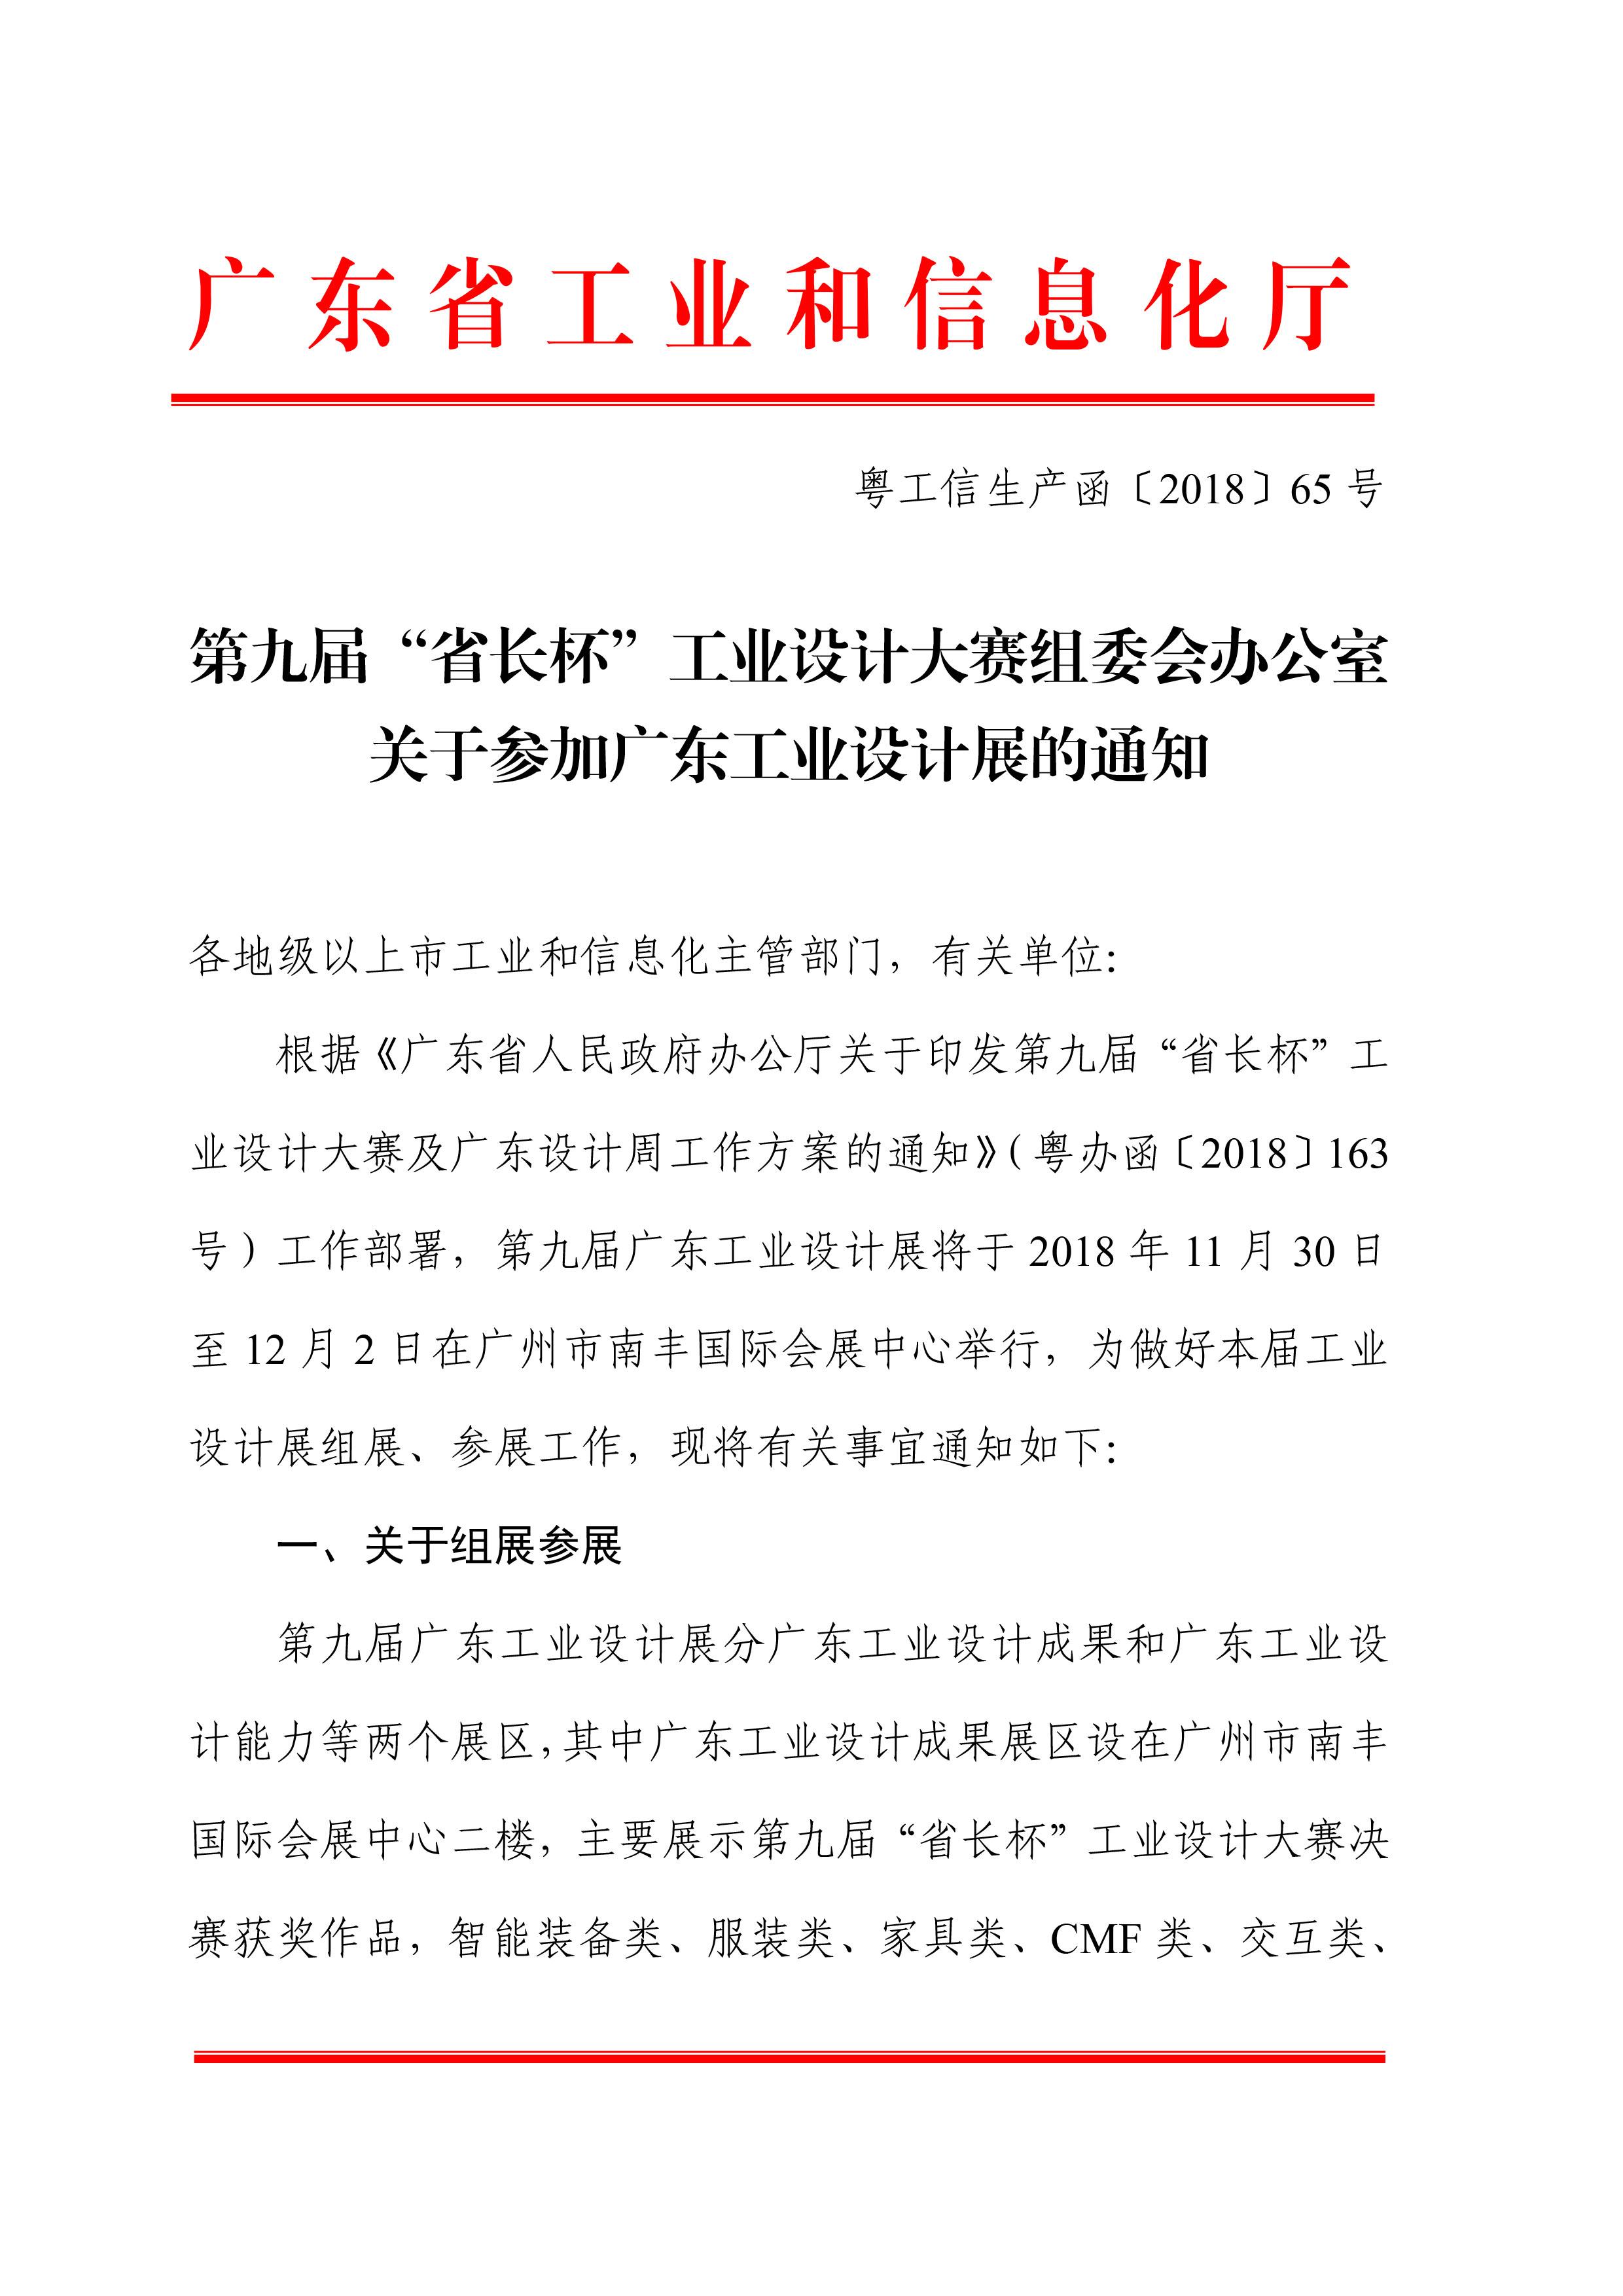 """第九届""""省长杯""""工业设计大赛组委会办公室关于参加广东工业设计展的通知"""